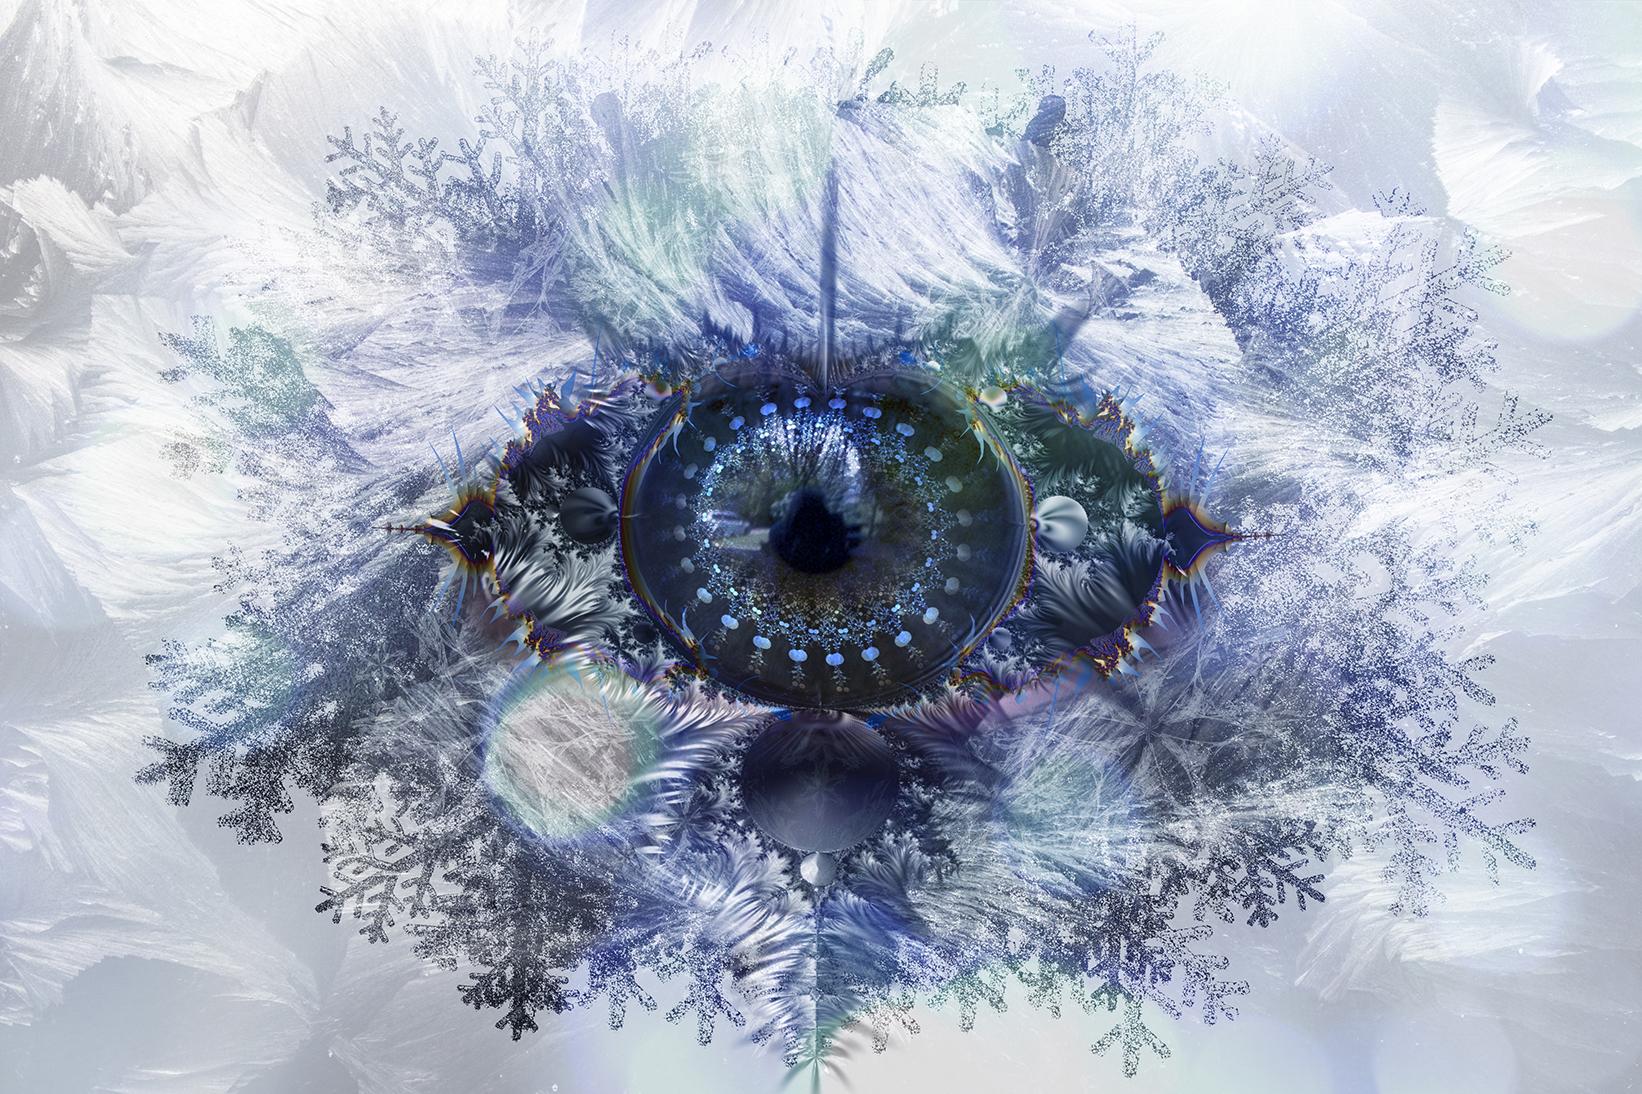 Frosty-Eyed